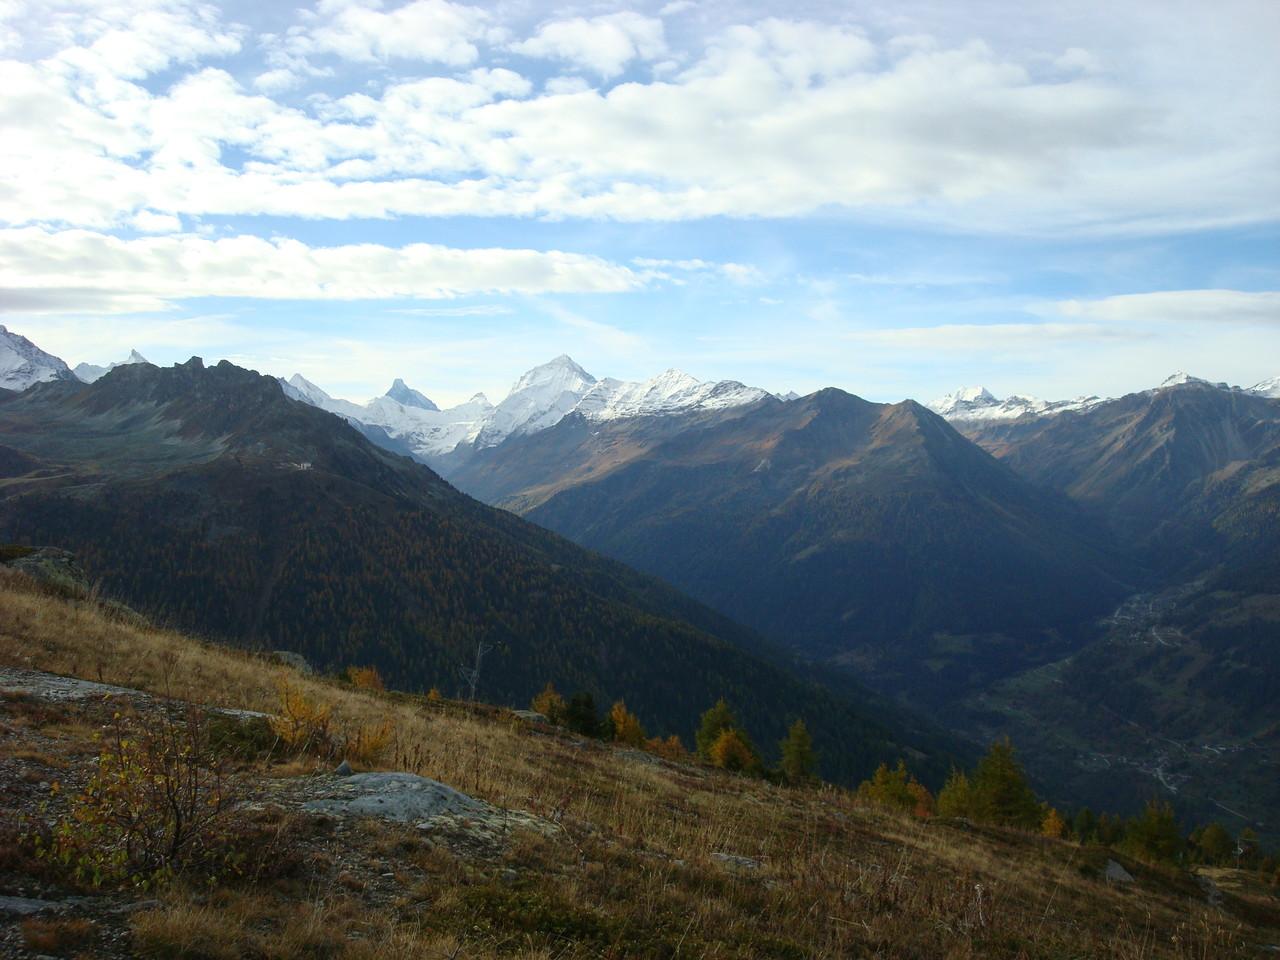 Hinten in der Mitte das schwarze Horn (oben flach) ist das Matterhorn, rechts die Dent Blanche